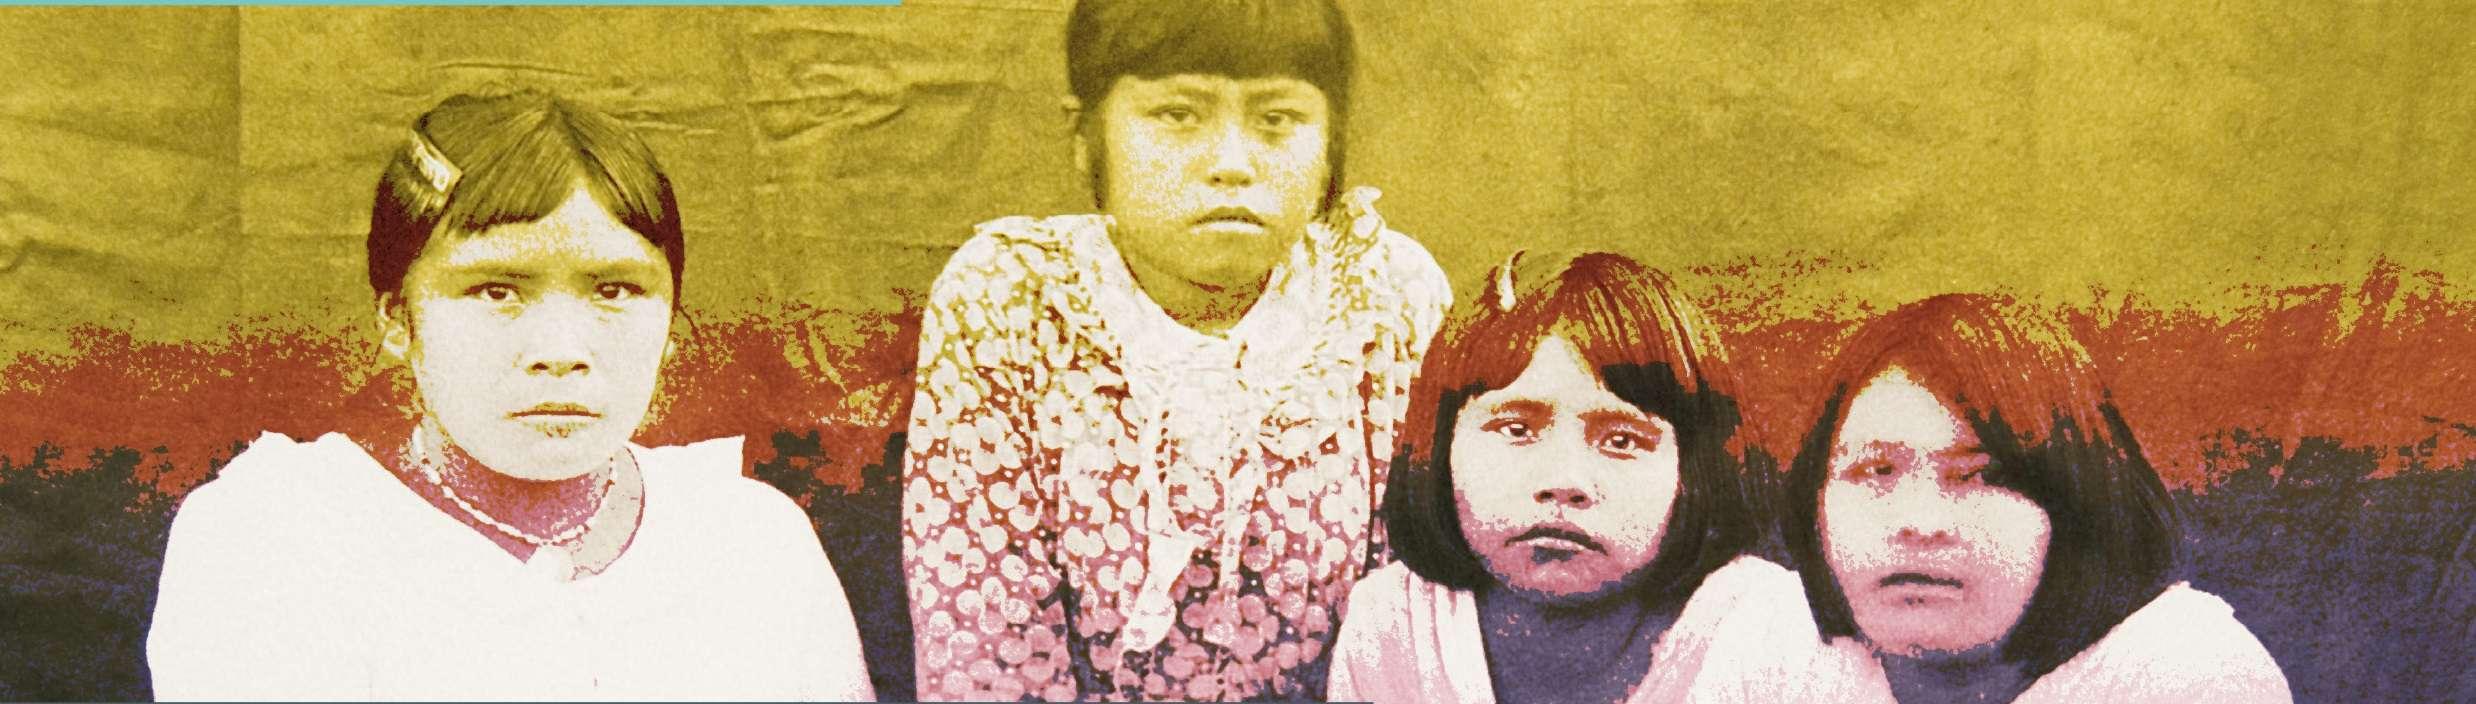 Imagem que compõe a identidade visual do evento (Foto: Programa Memória do Mundo / Unesco)